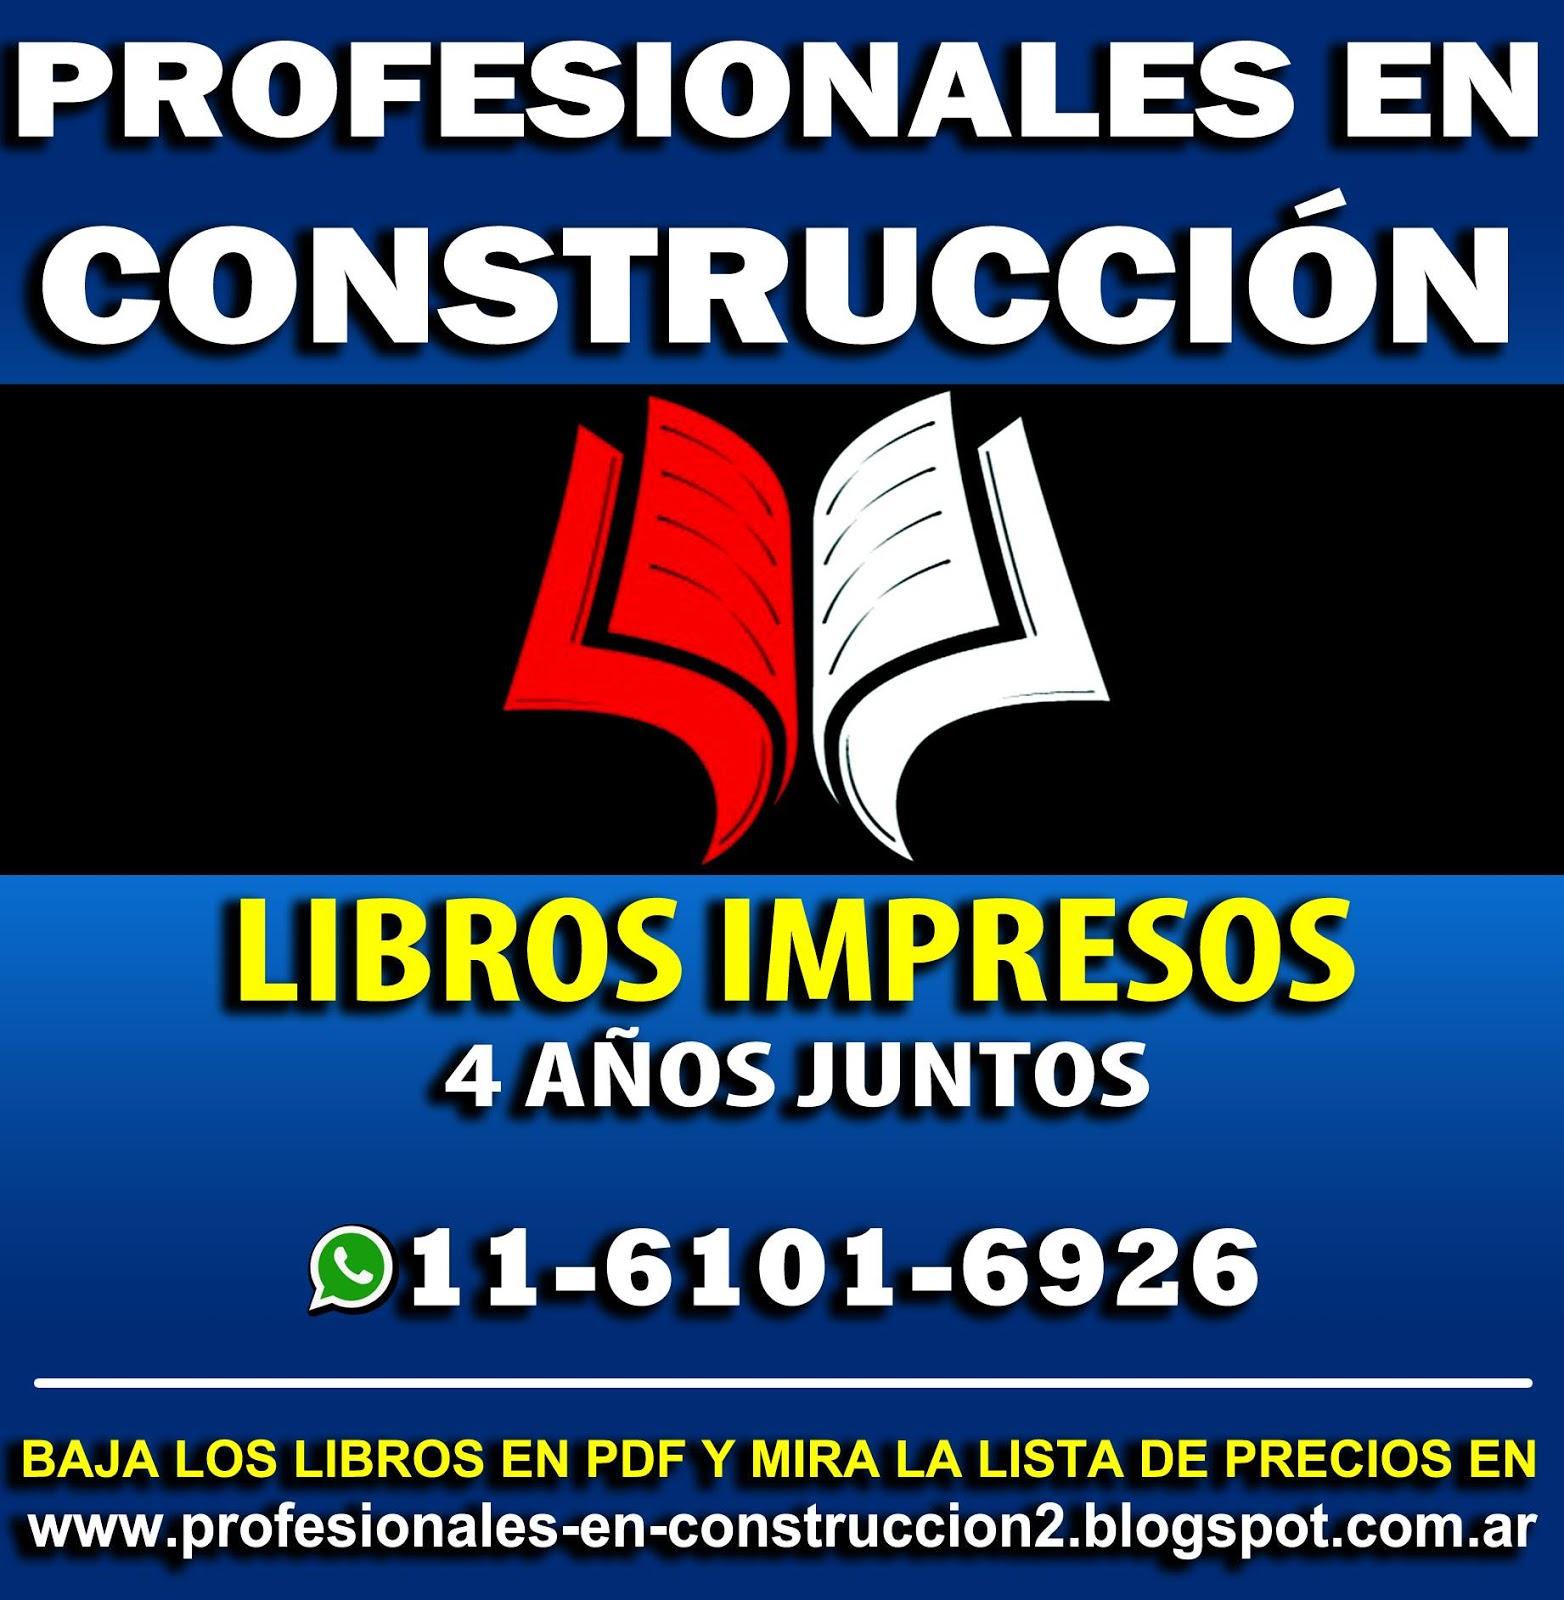 Profesionales en Construcción: Listado de Libros